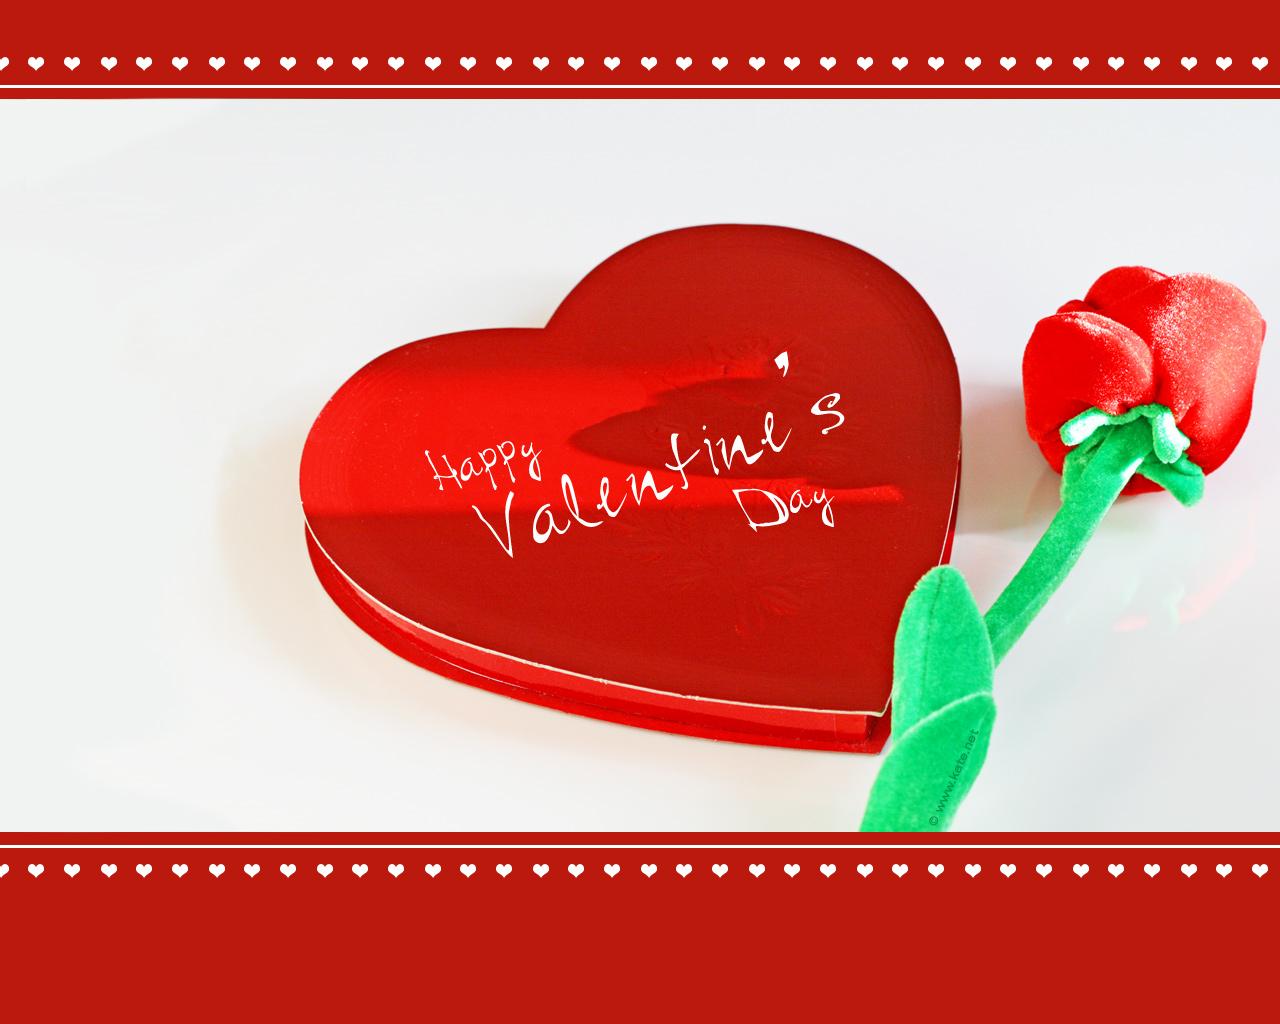 http://1.bp.blogspot.com/-K0iSg4qp58M/Tq6dHOL0KOI/AAAAAAAAA-c/LJjJylw0NxI/s1600/valentines+day+wallpapers.jpg